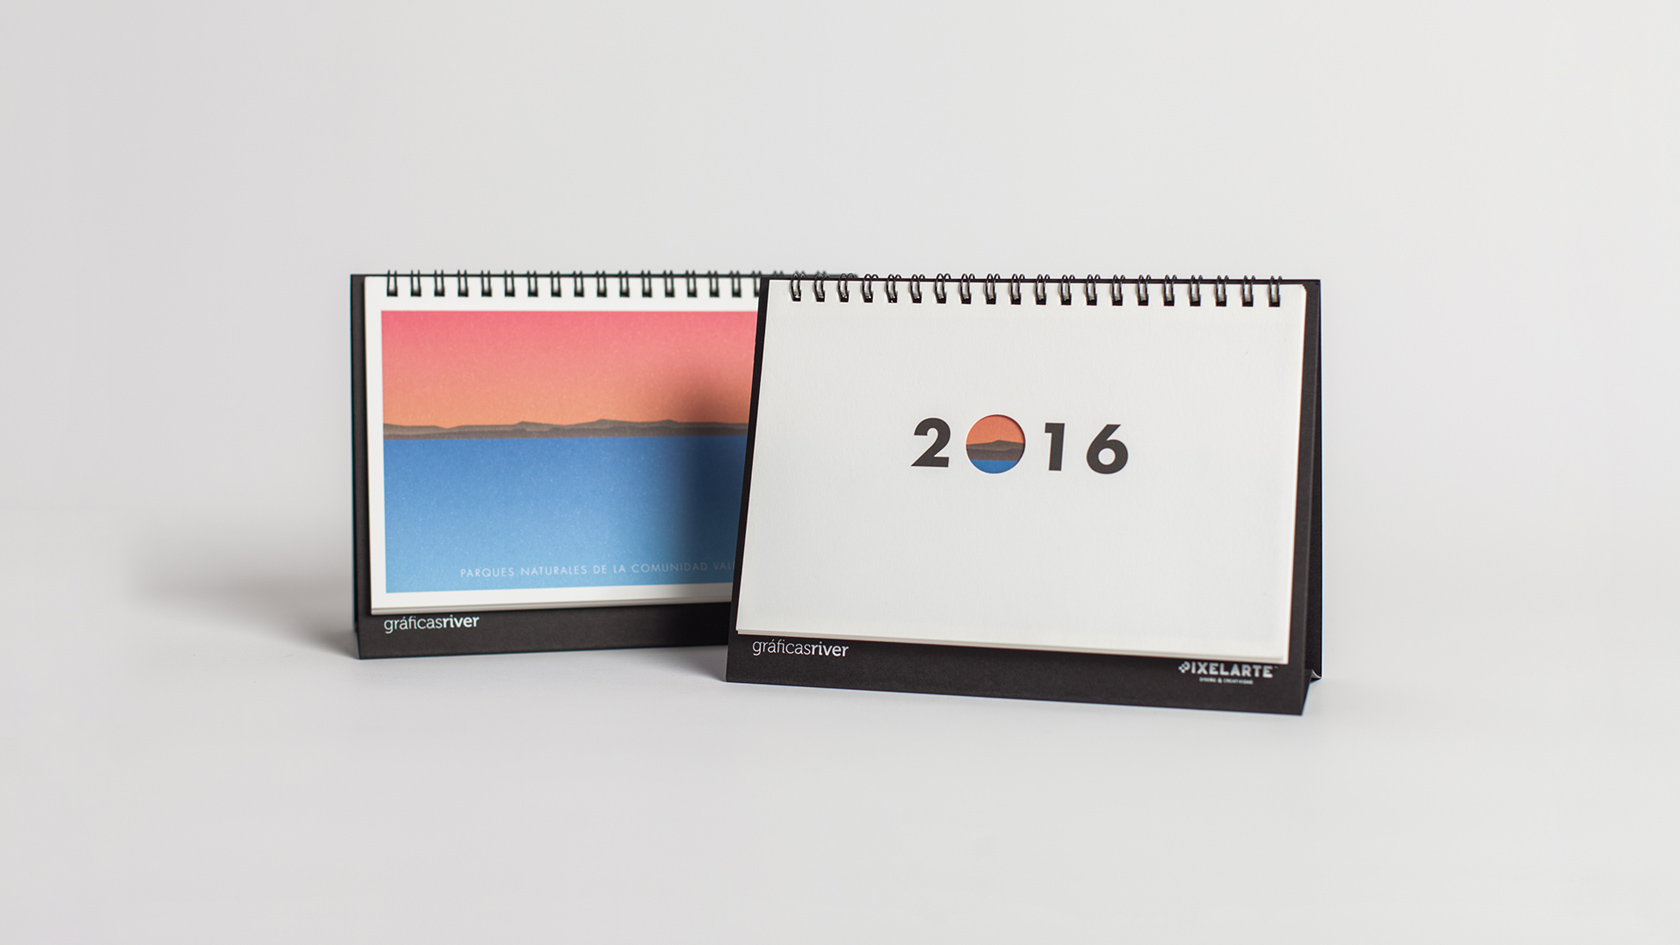 pixelarte-diseno-grafico-ilustracion-calendario-parques-comunidad_valenciana-2016